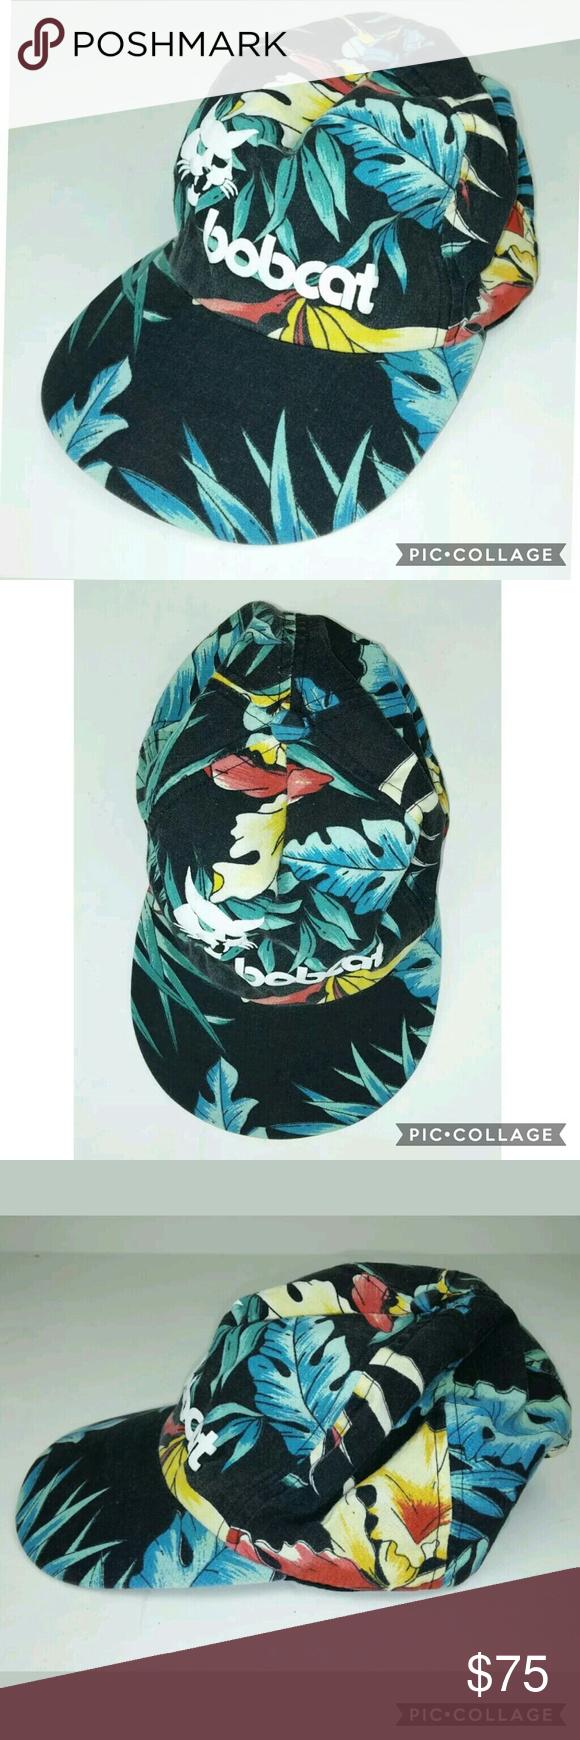 Bobcat Snapback Vintage Tropical Jungle Hat Hats Vintage Vintage Jungle Hat